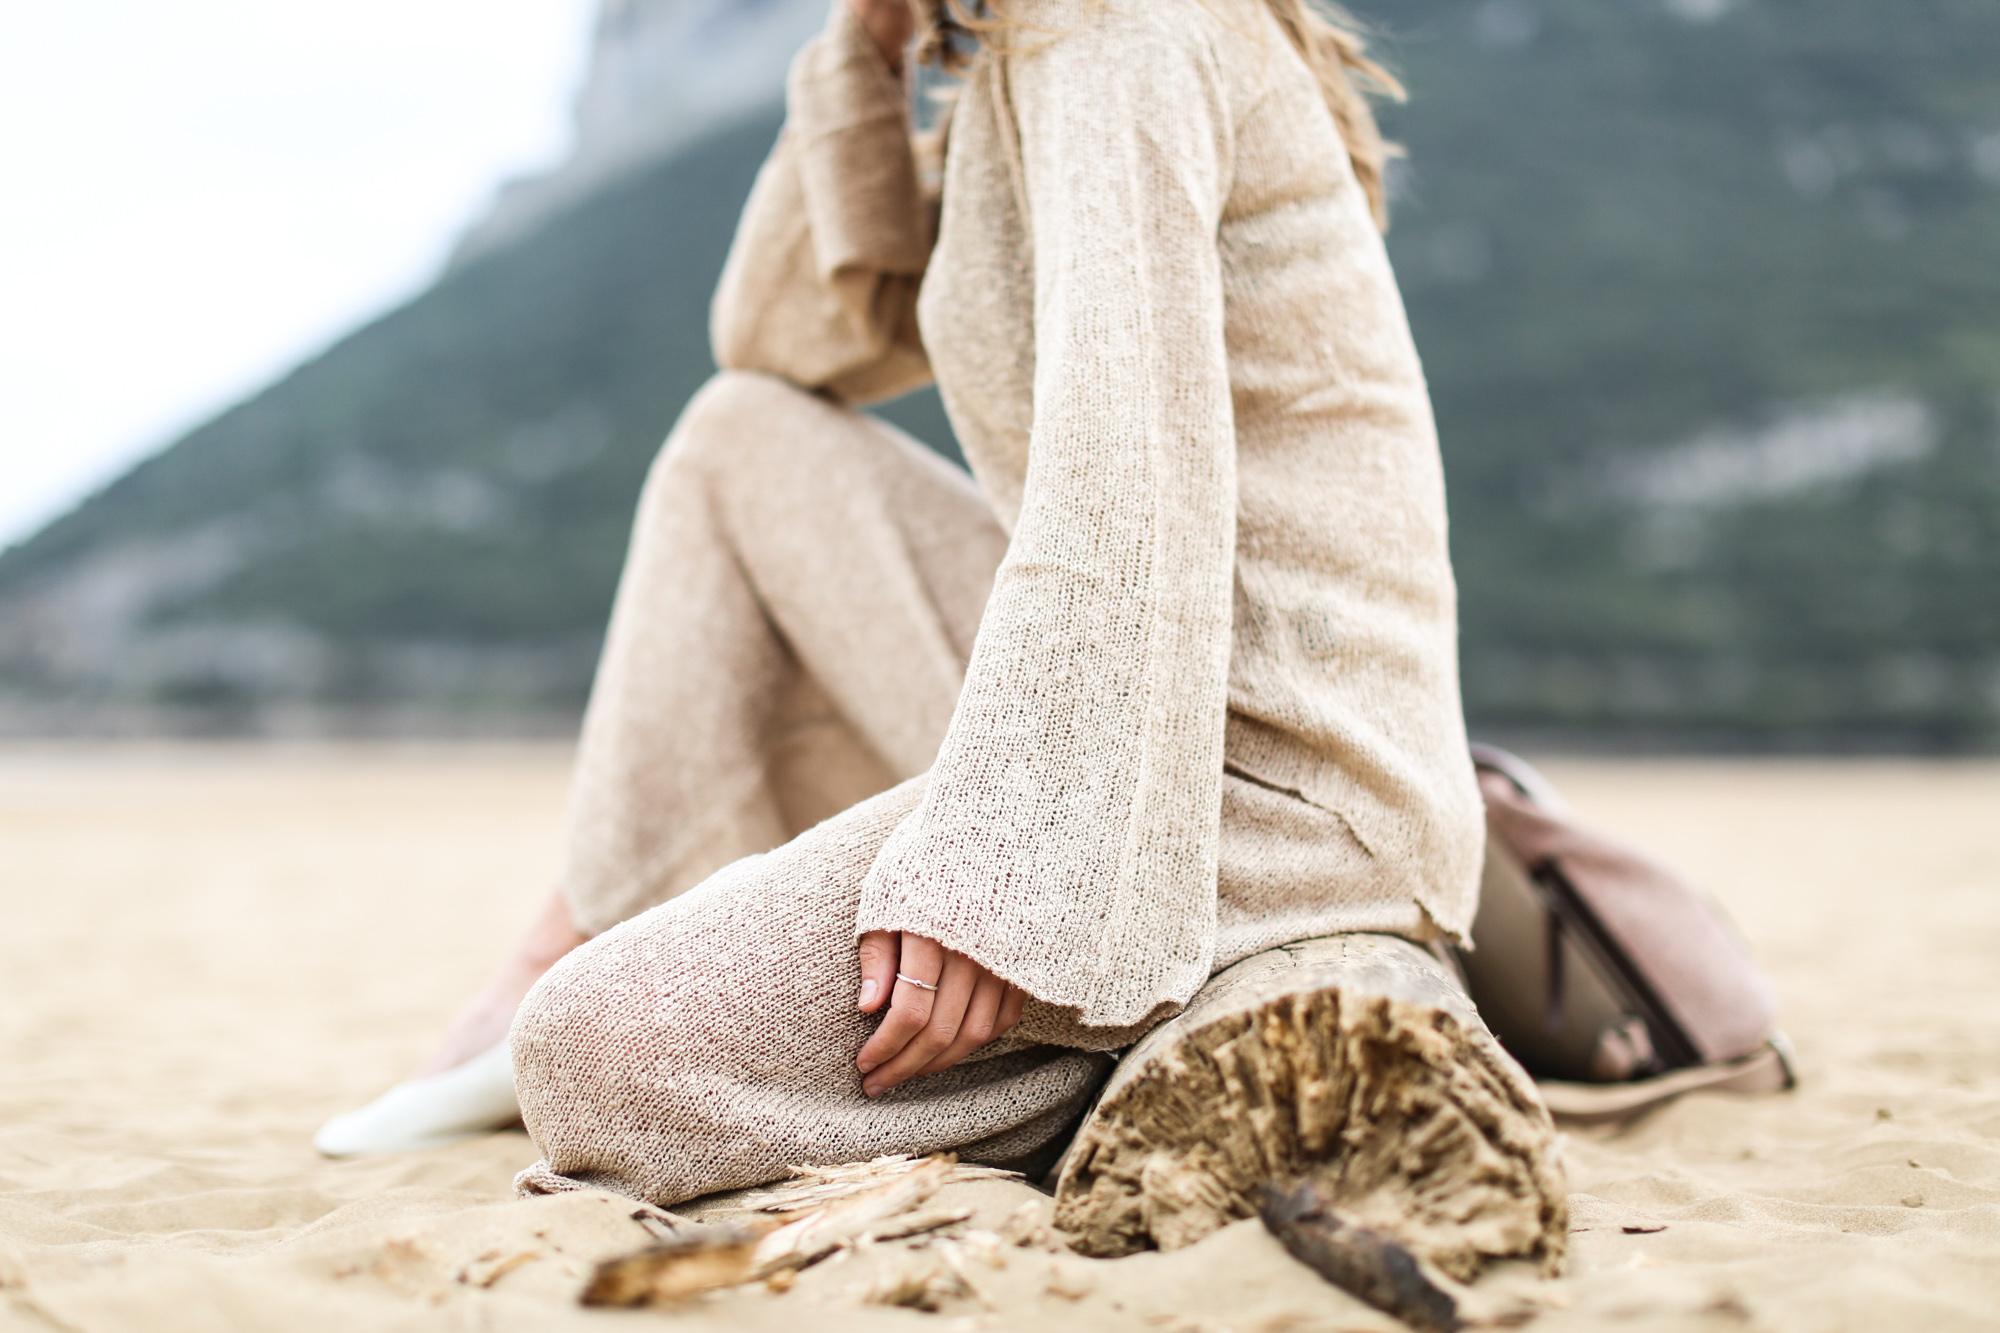 Clochet pantalon culotte Zara punto beige verano